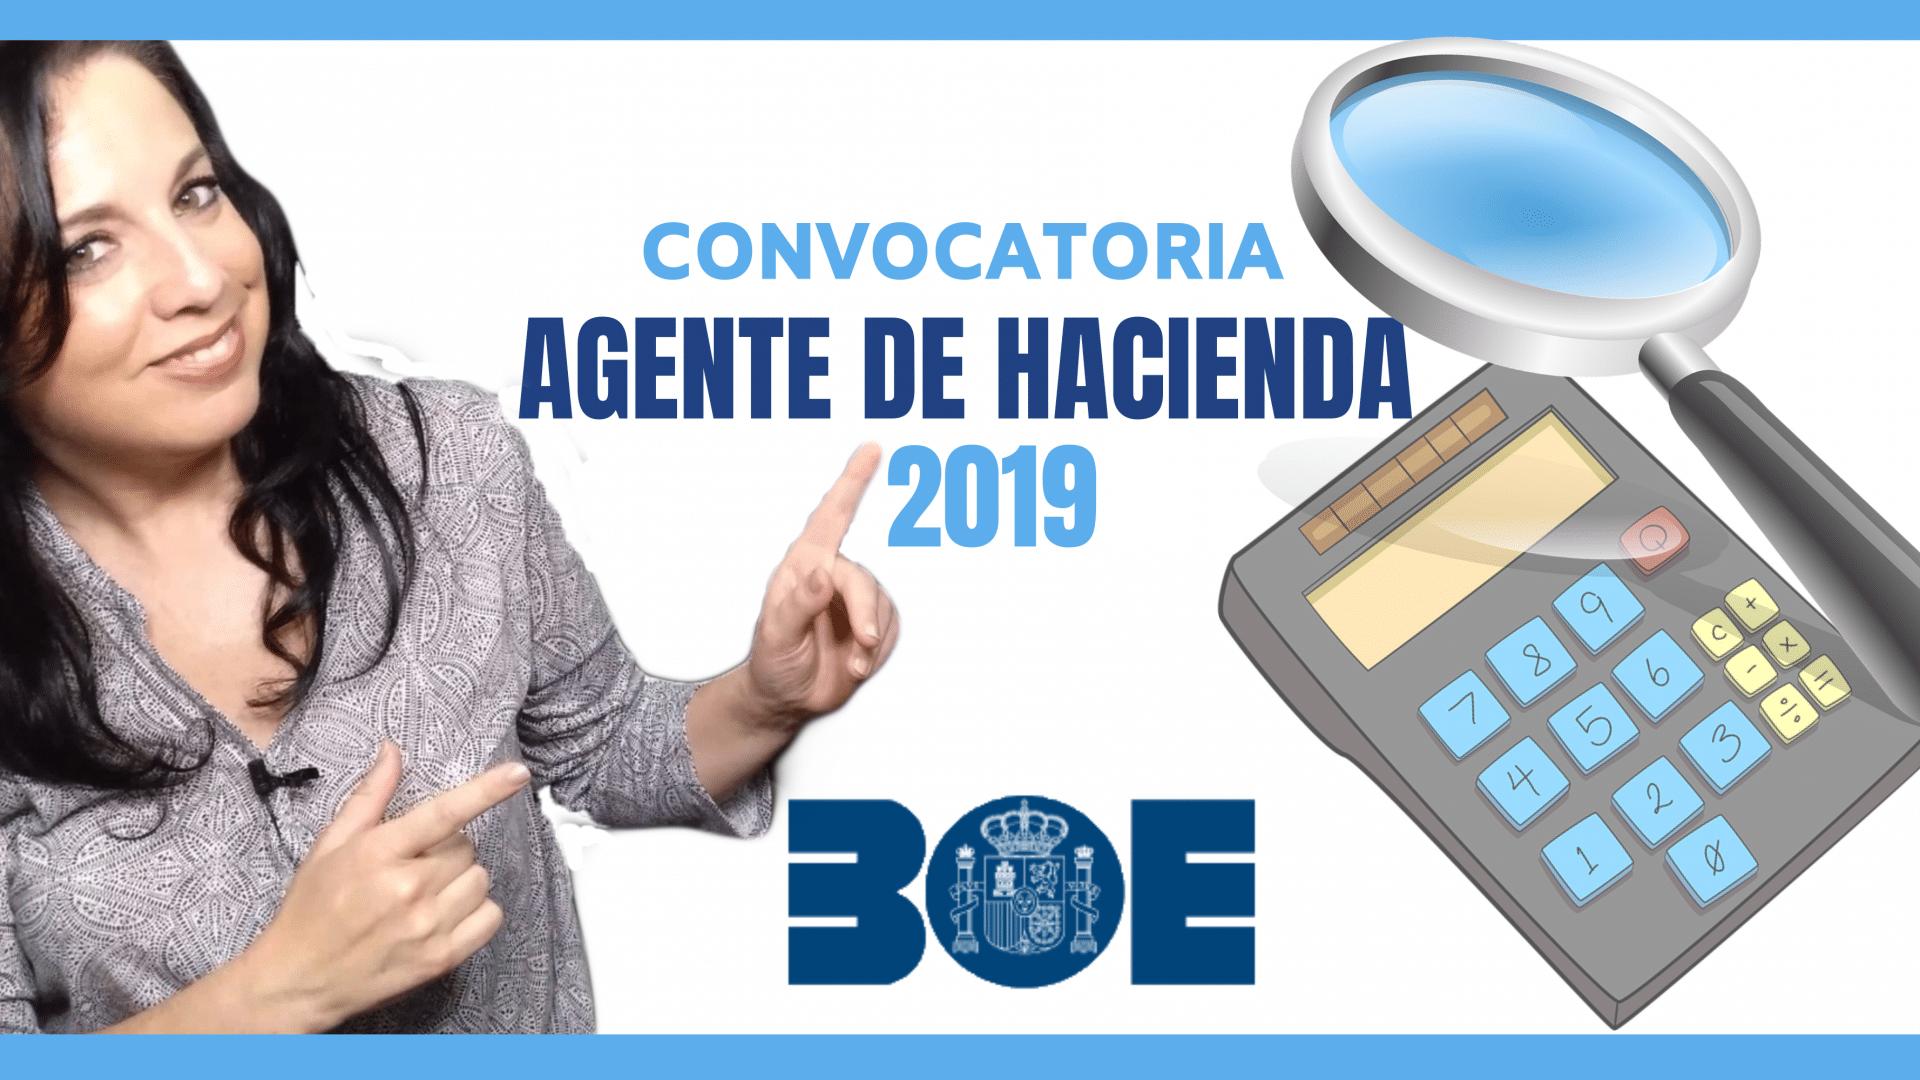 oposiciones agente de hacienda 2019